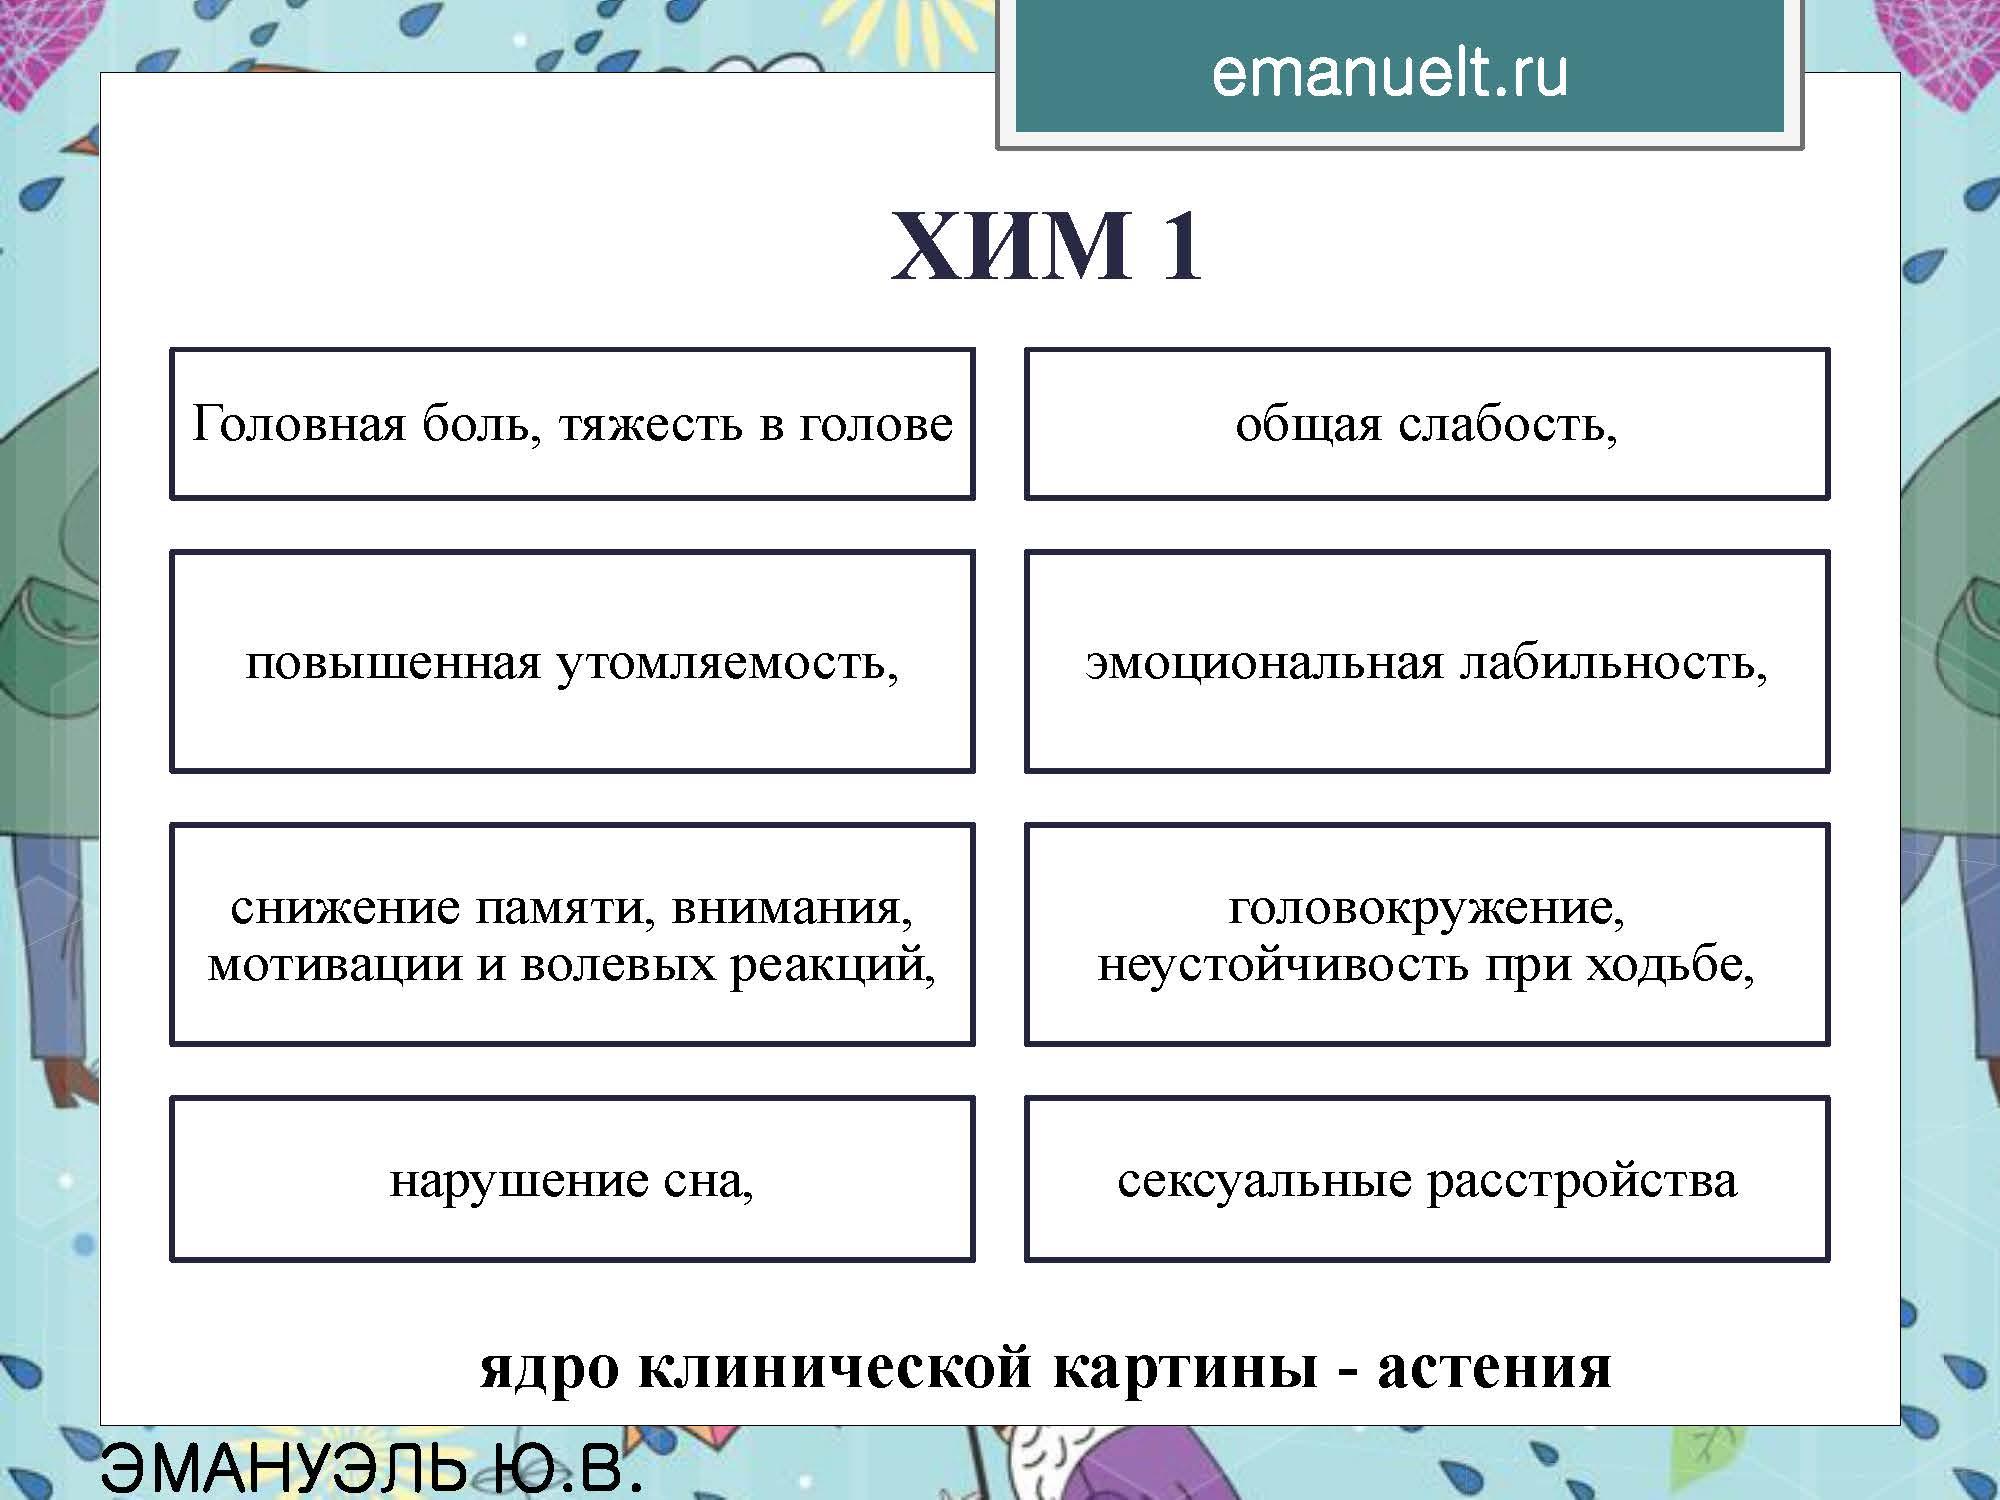 Секция 8. ЭЮВ. СПбГМУ.  26.03_Страница_13